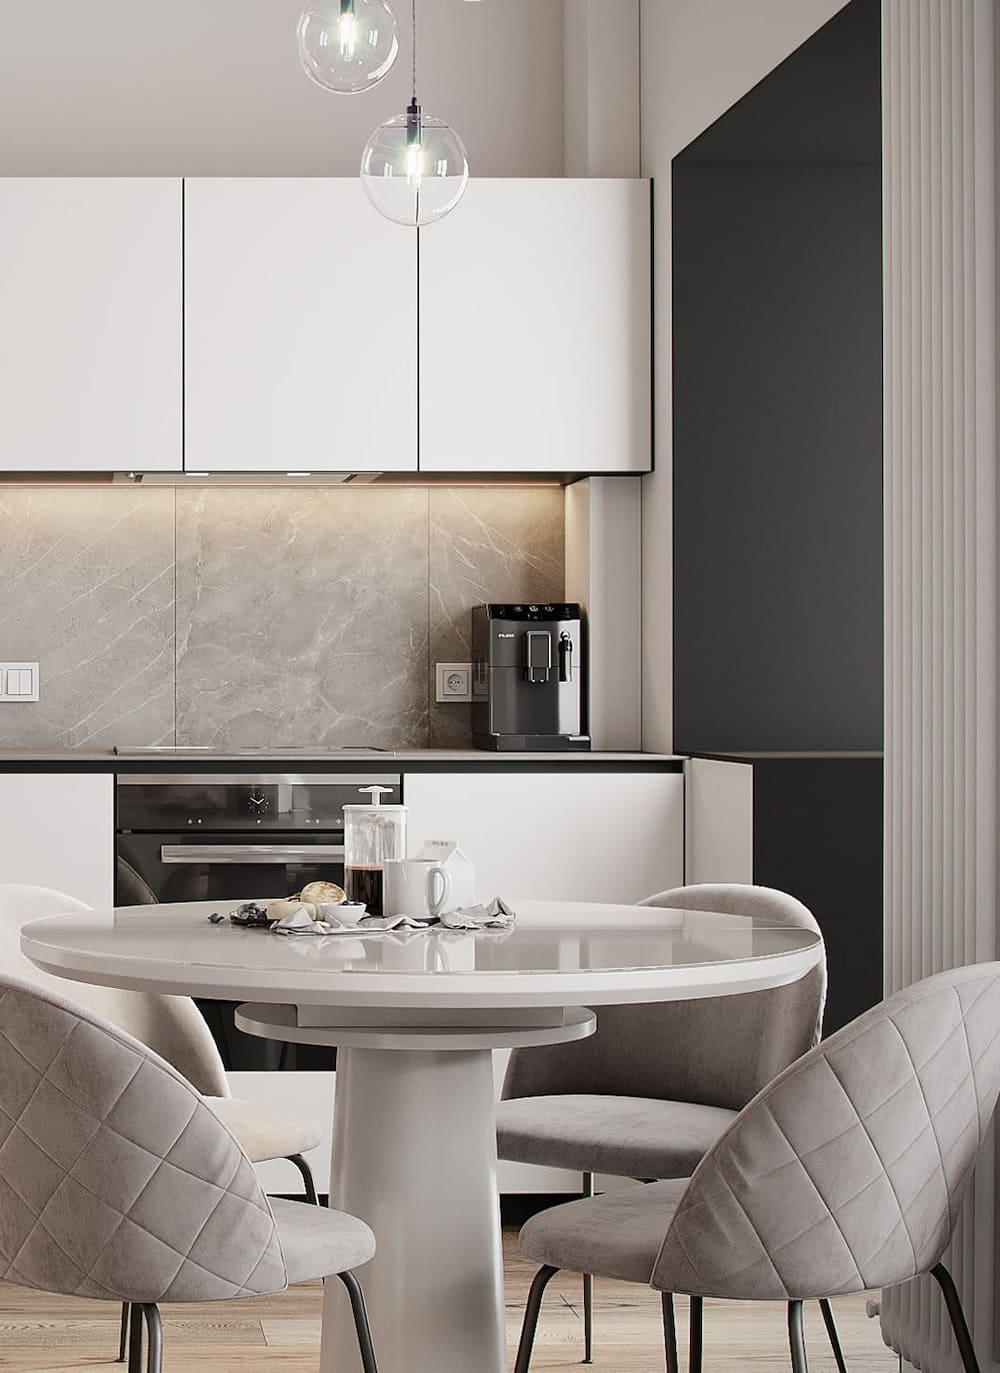 дизайн кухни в современном стиле фото 27